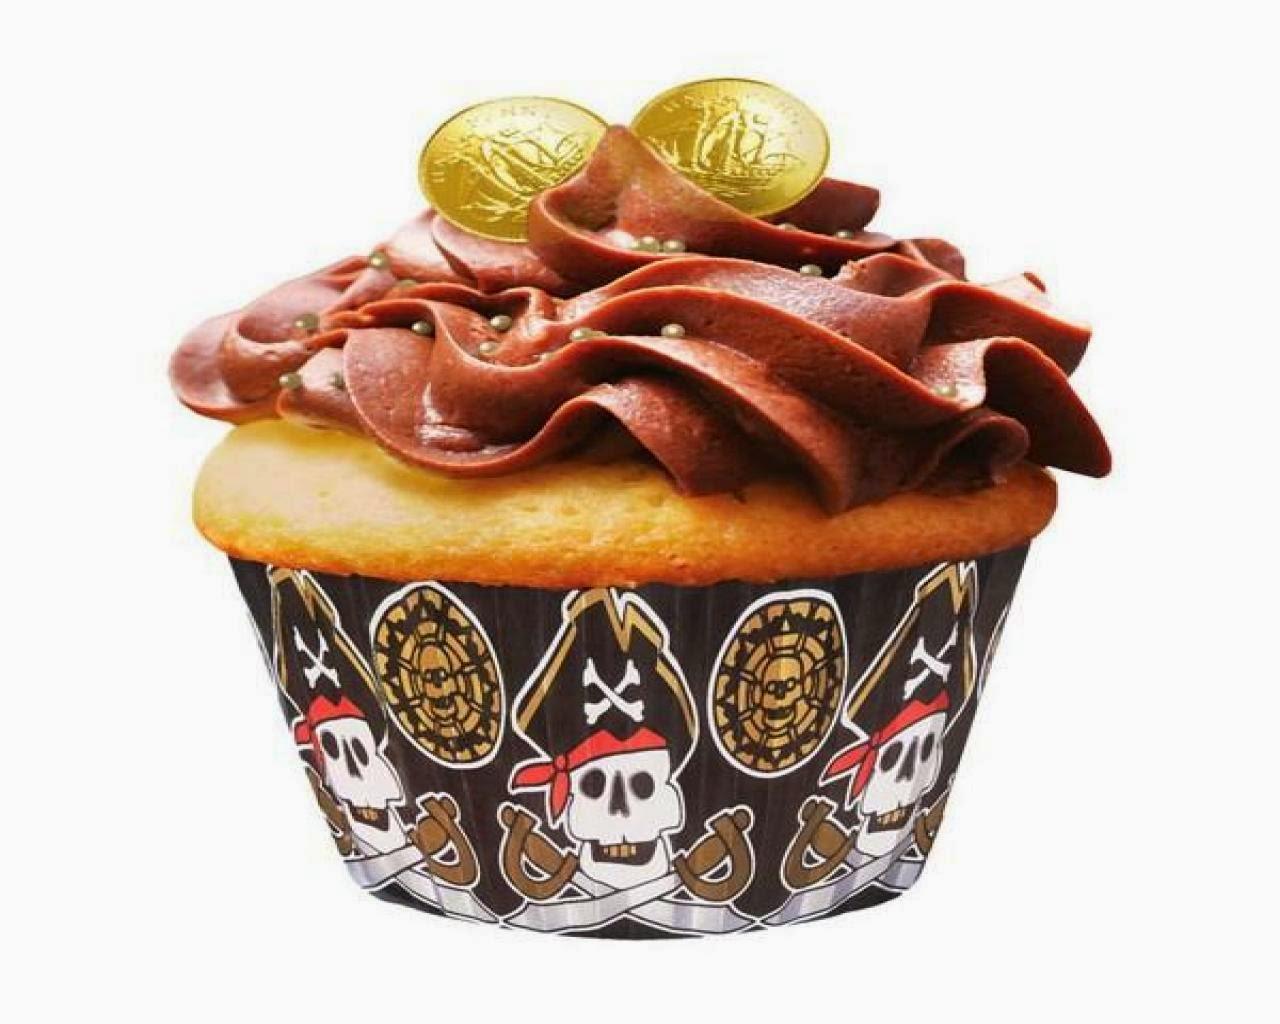 Cupcakes Piratas del Caribe, parte 1